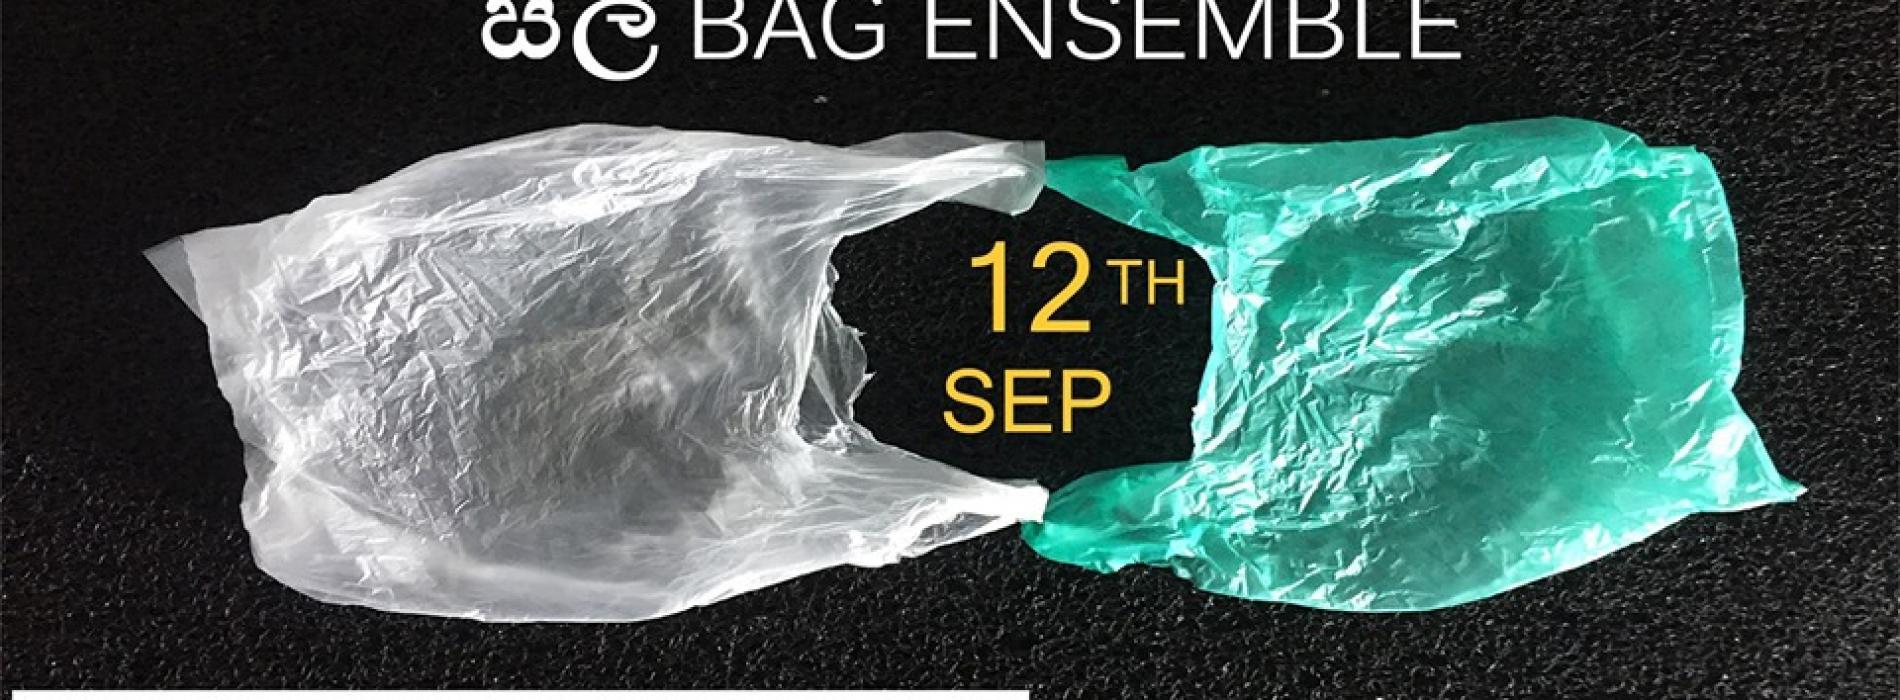 සිලි Bag Ensemble